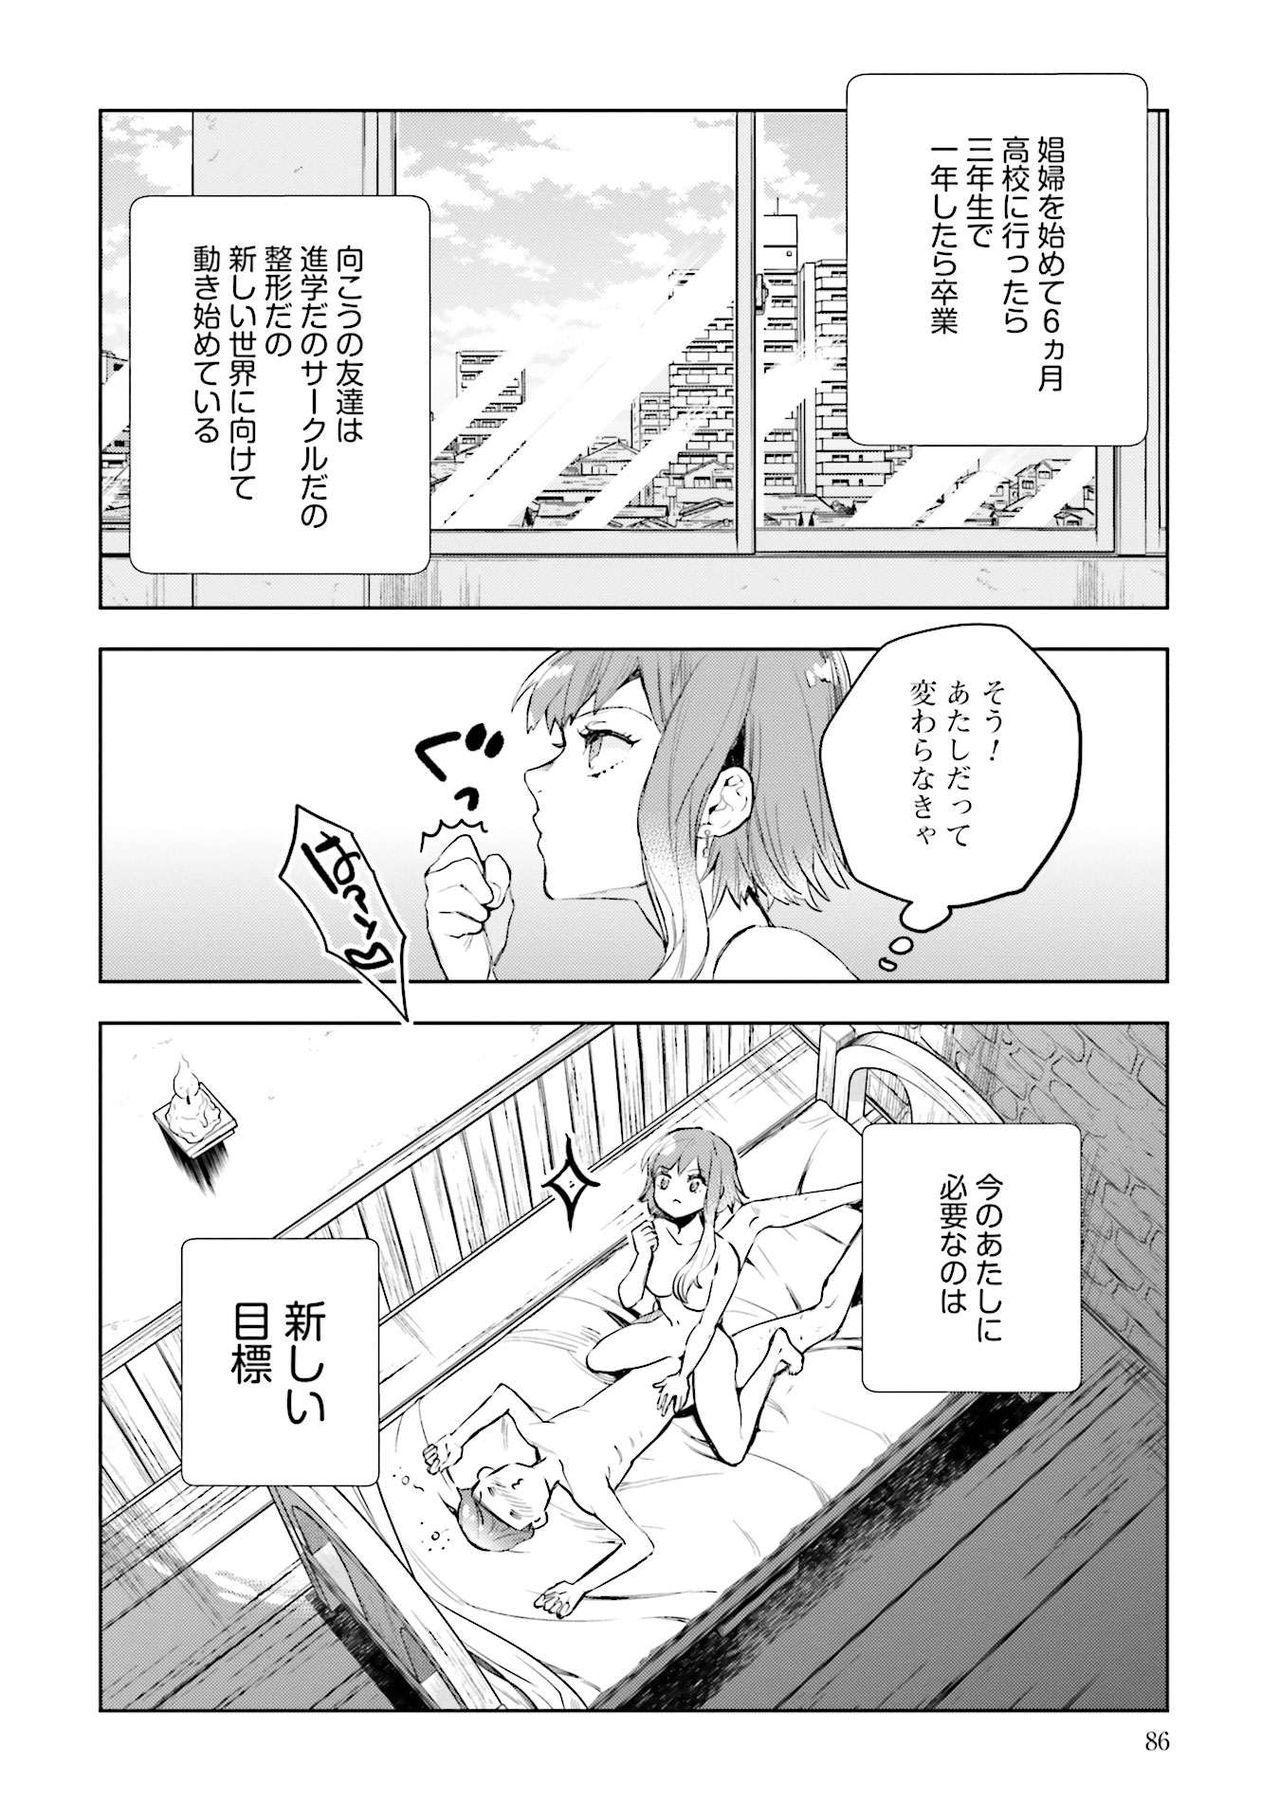 JK Haru wa Isekai de Shoufu ni Natta 1-14 87